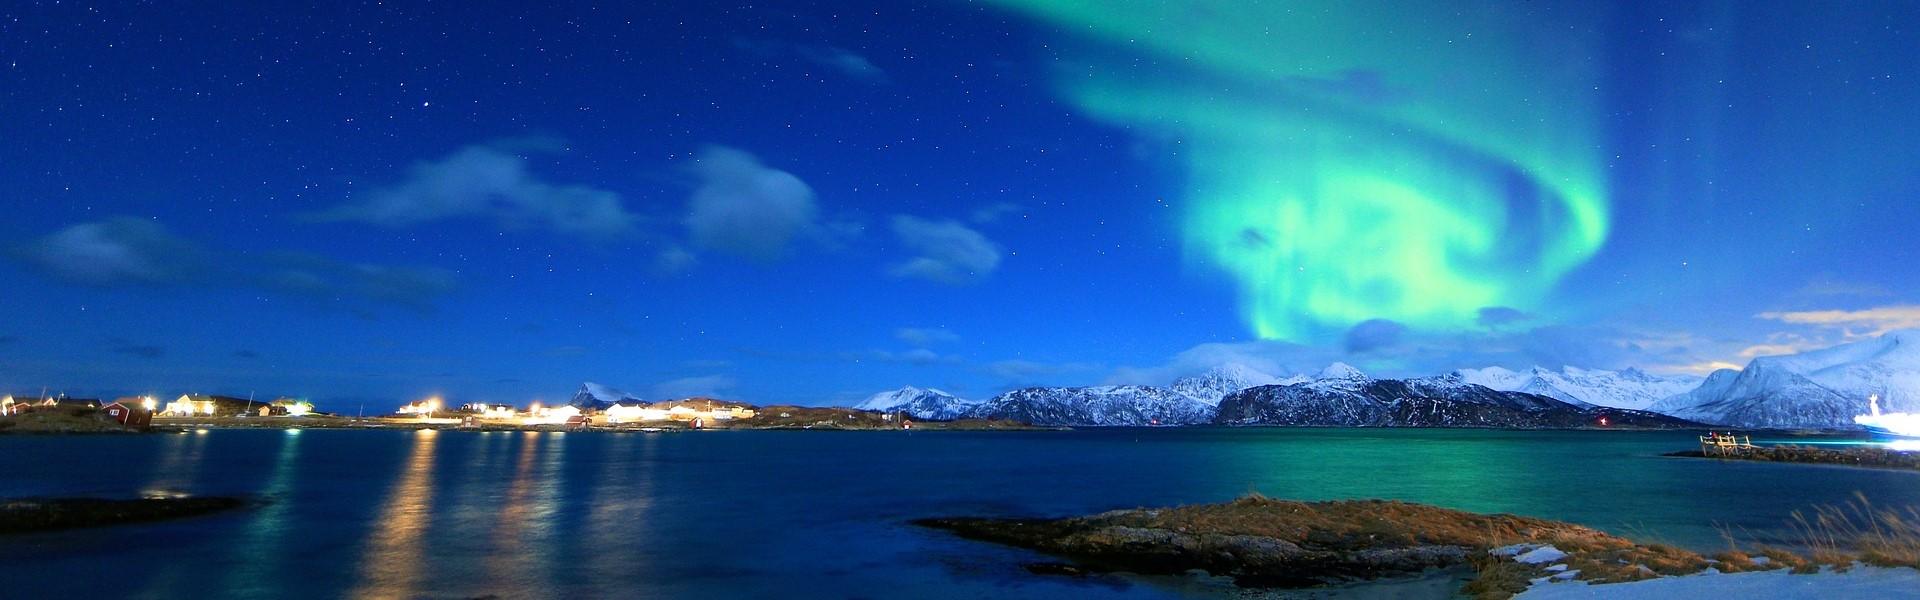 Norvegia, inverno 2022